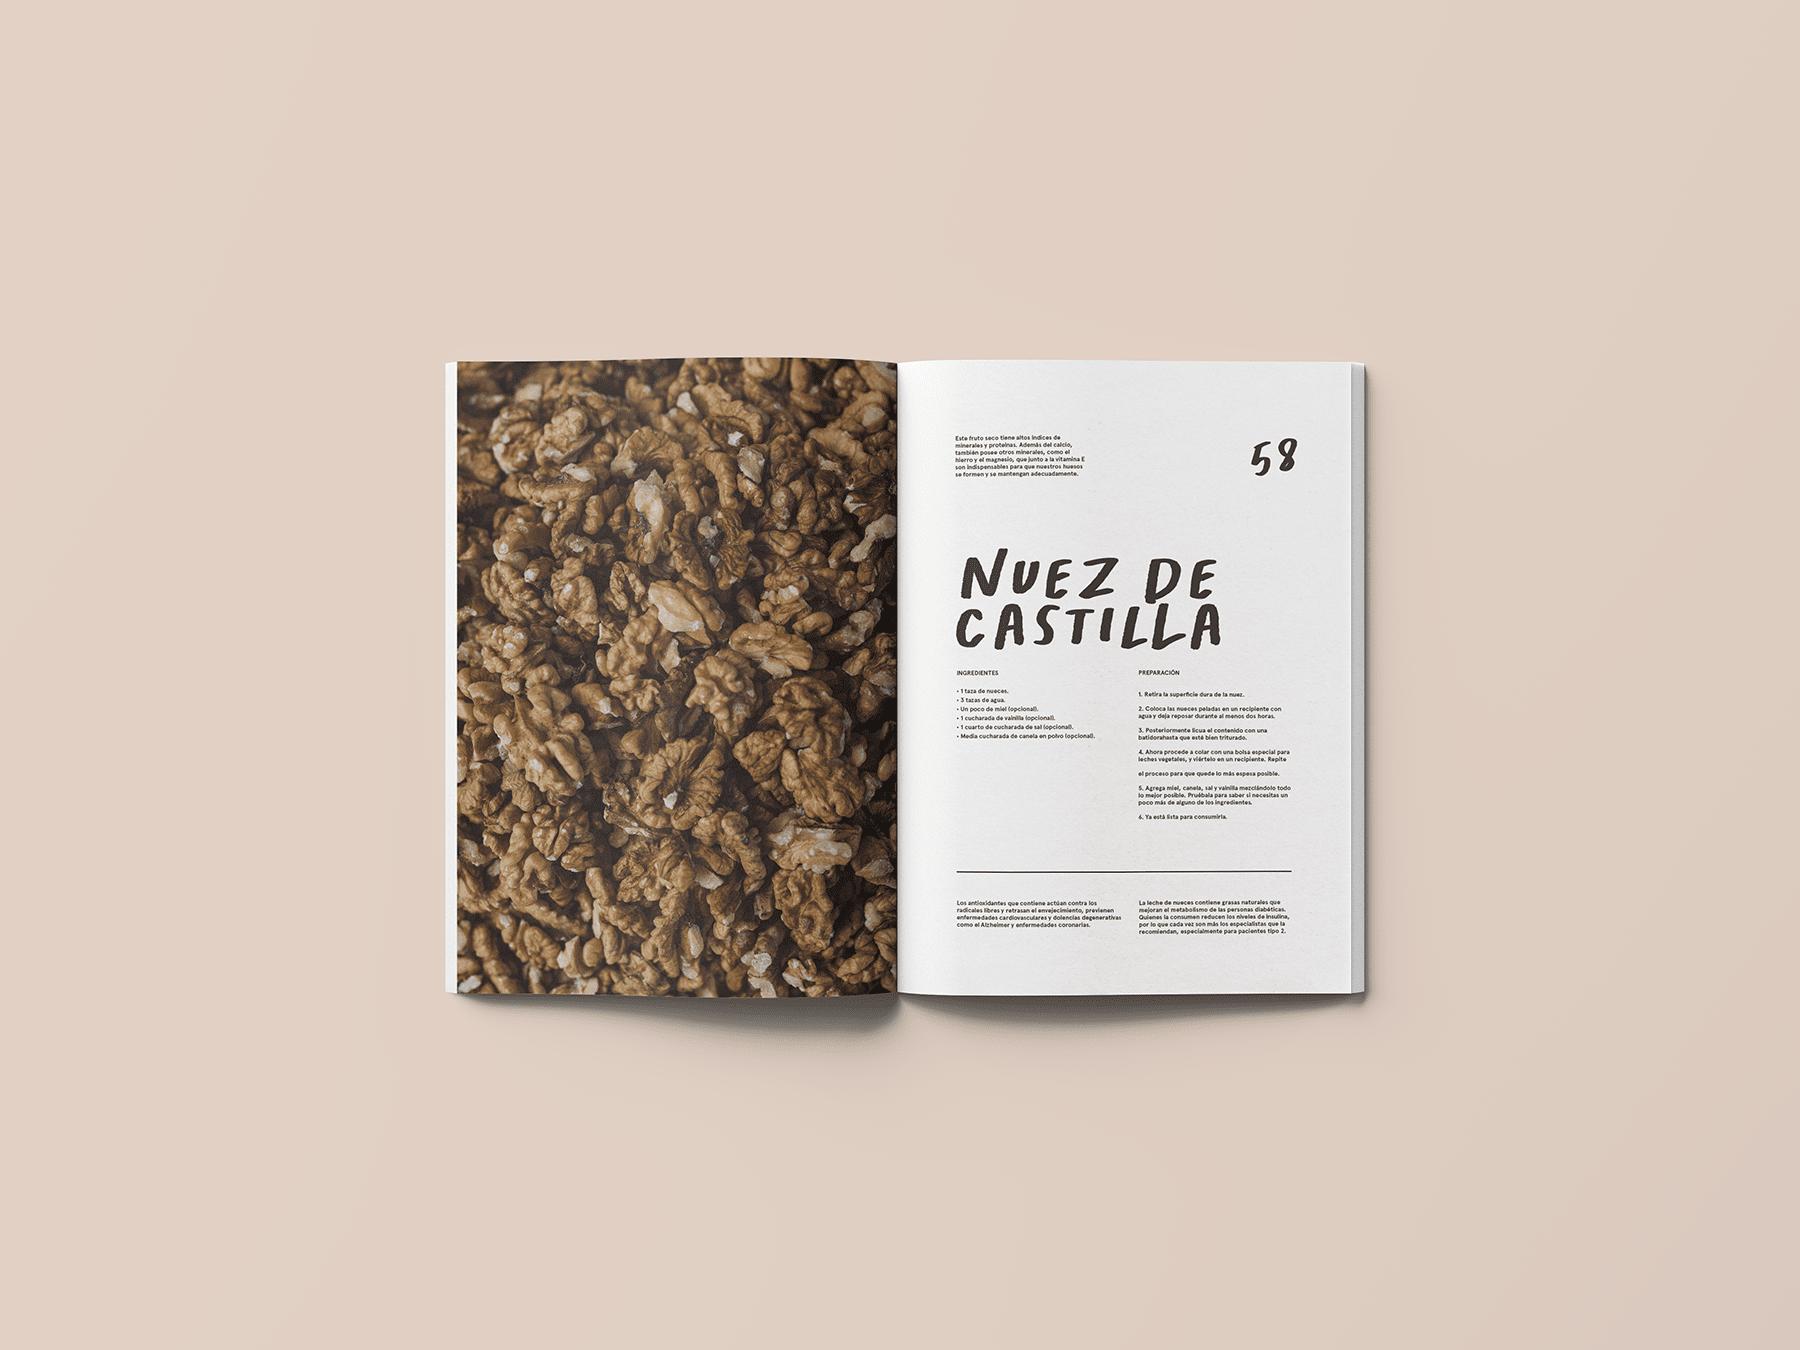 spread-nuez-castilla-book-cover-lechadas-yoenpaperland